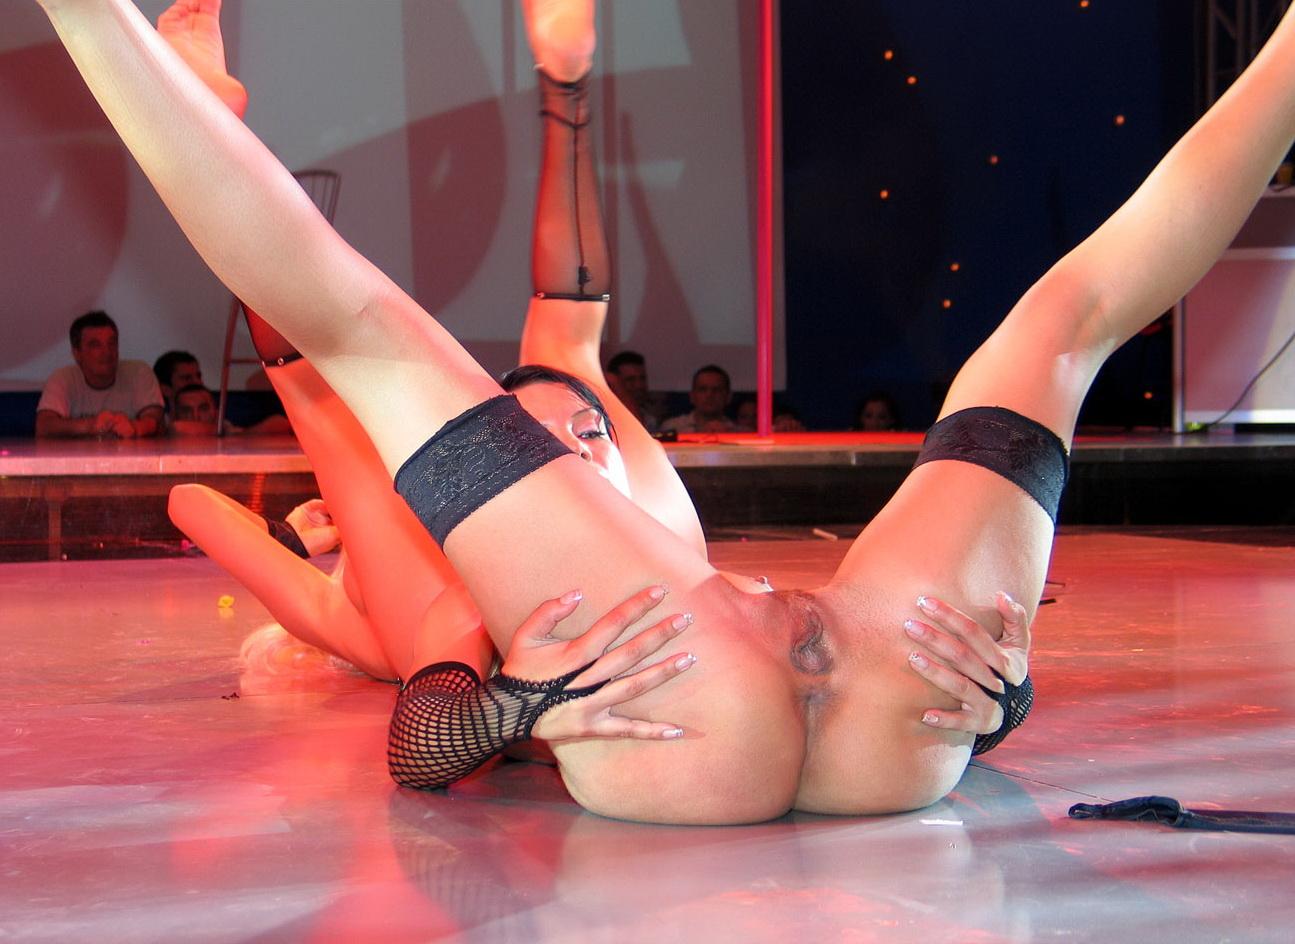 Секс шоу стриптизер 22 фотография